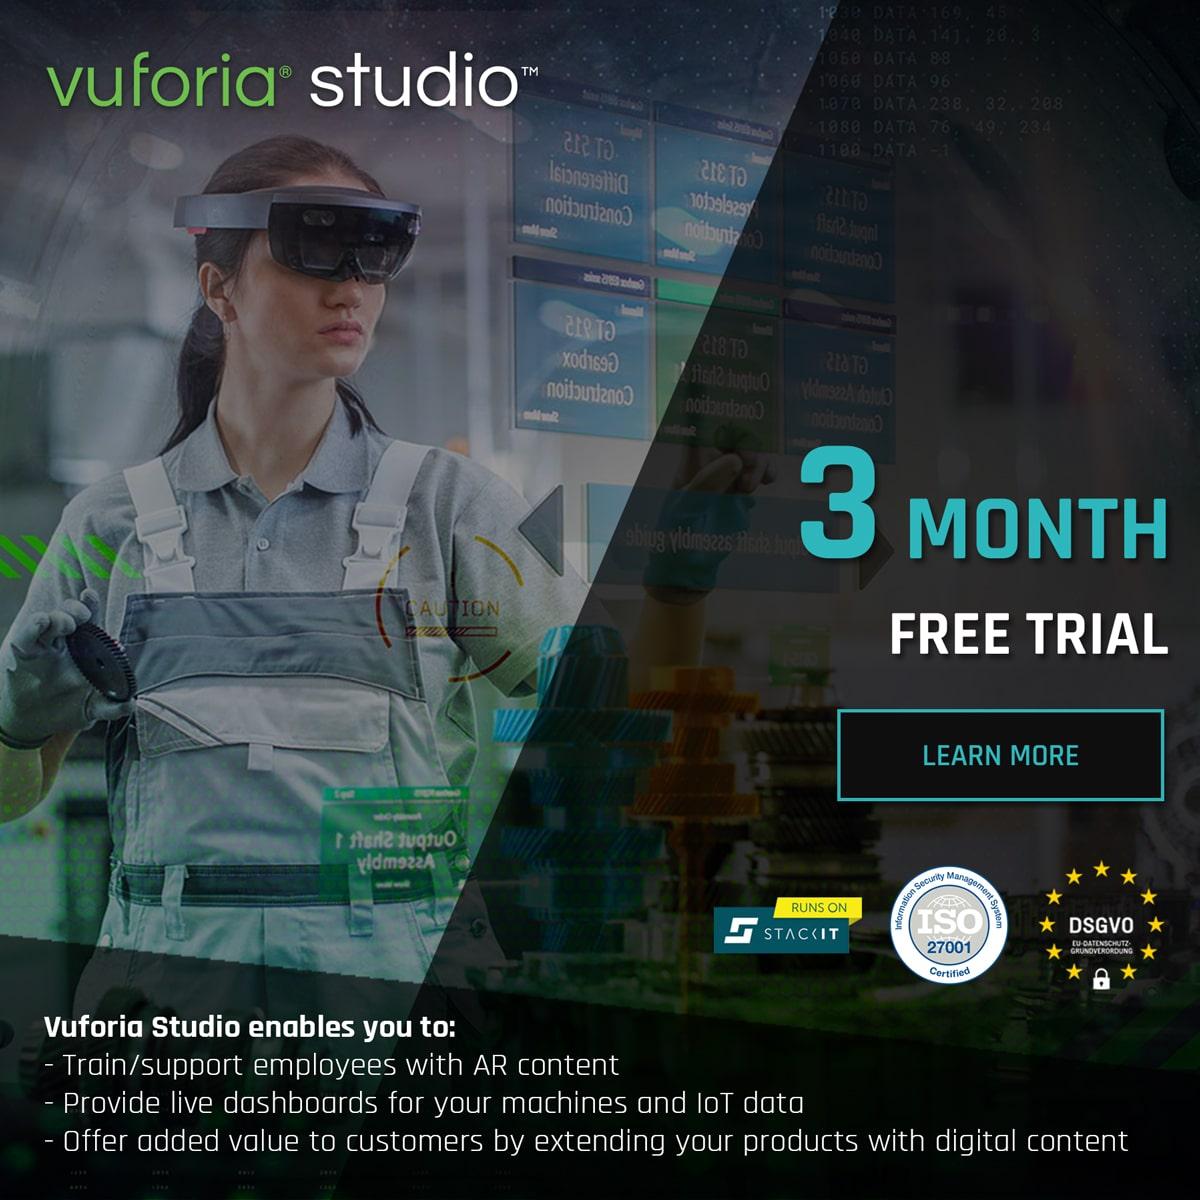 Vuforia Studio Free Trial